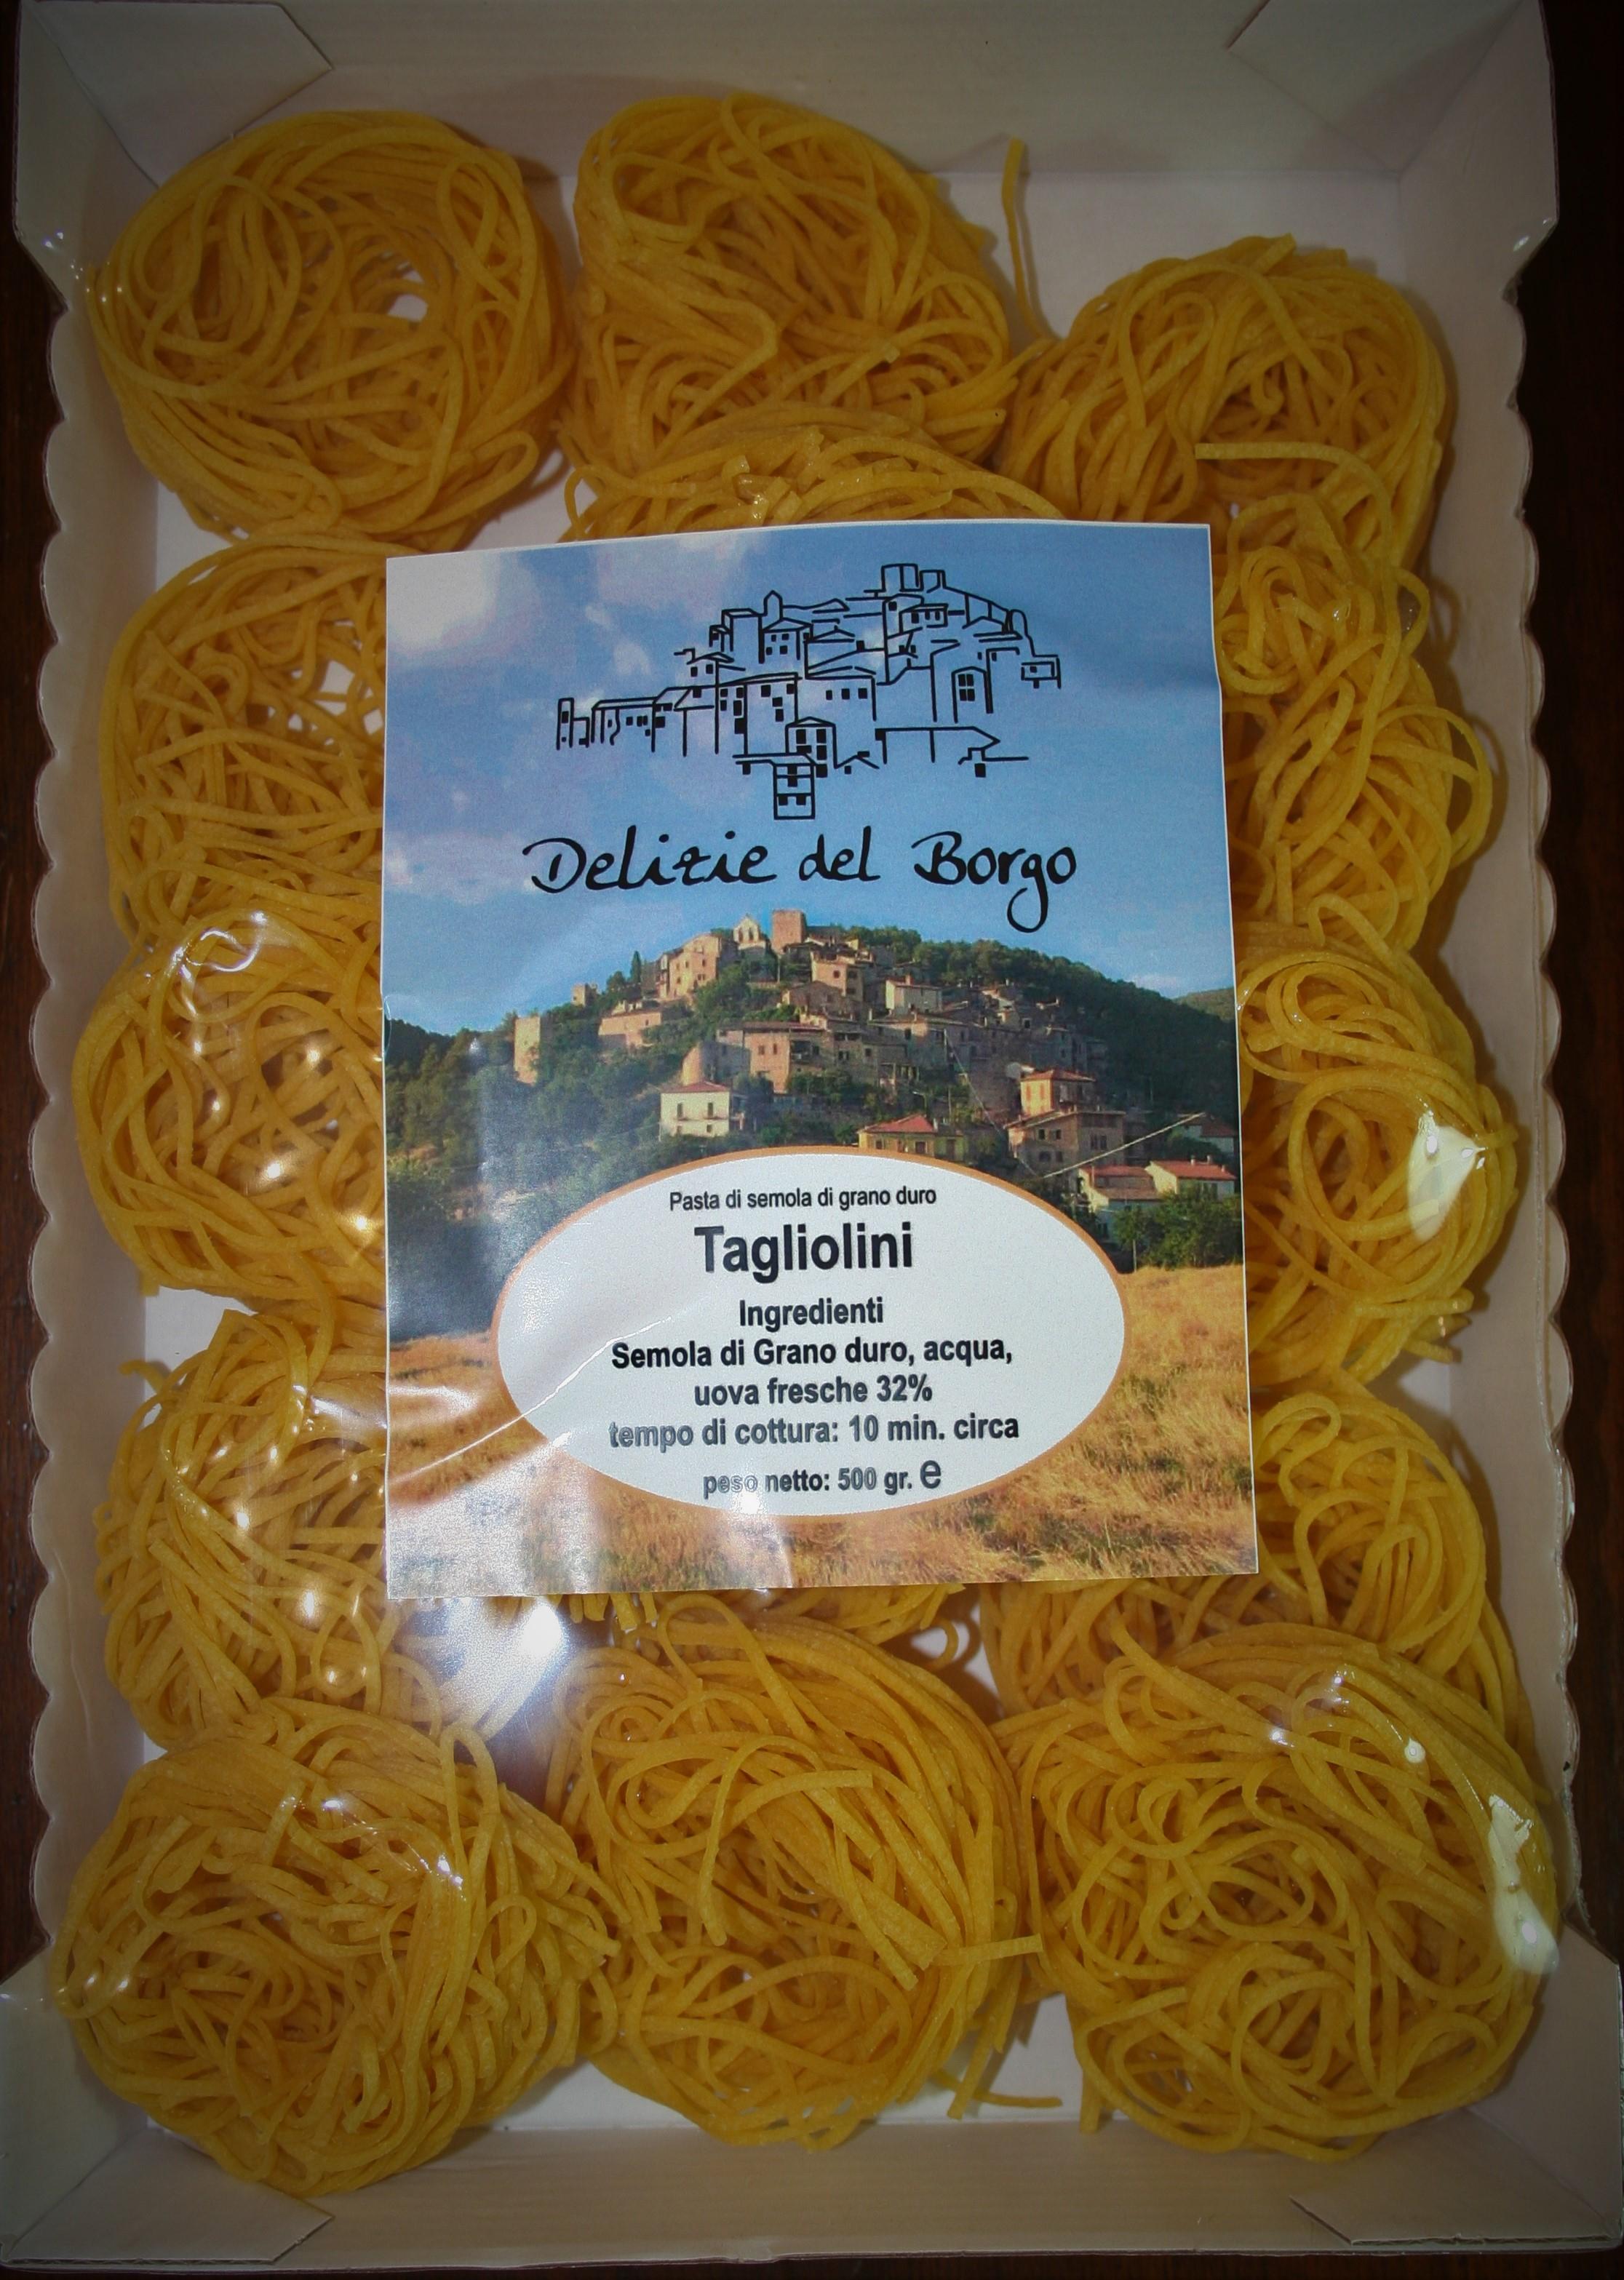 Tagliolini all'Uovo del Borgo